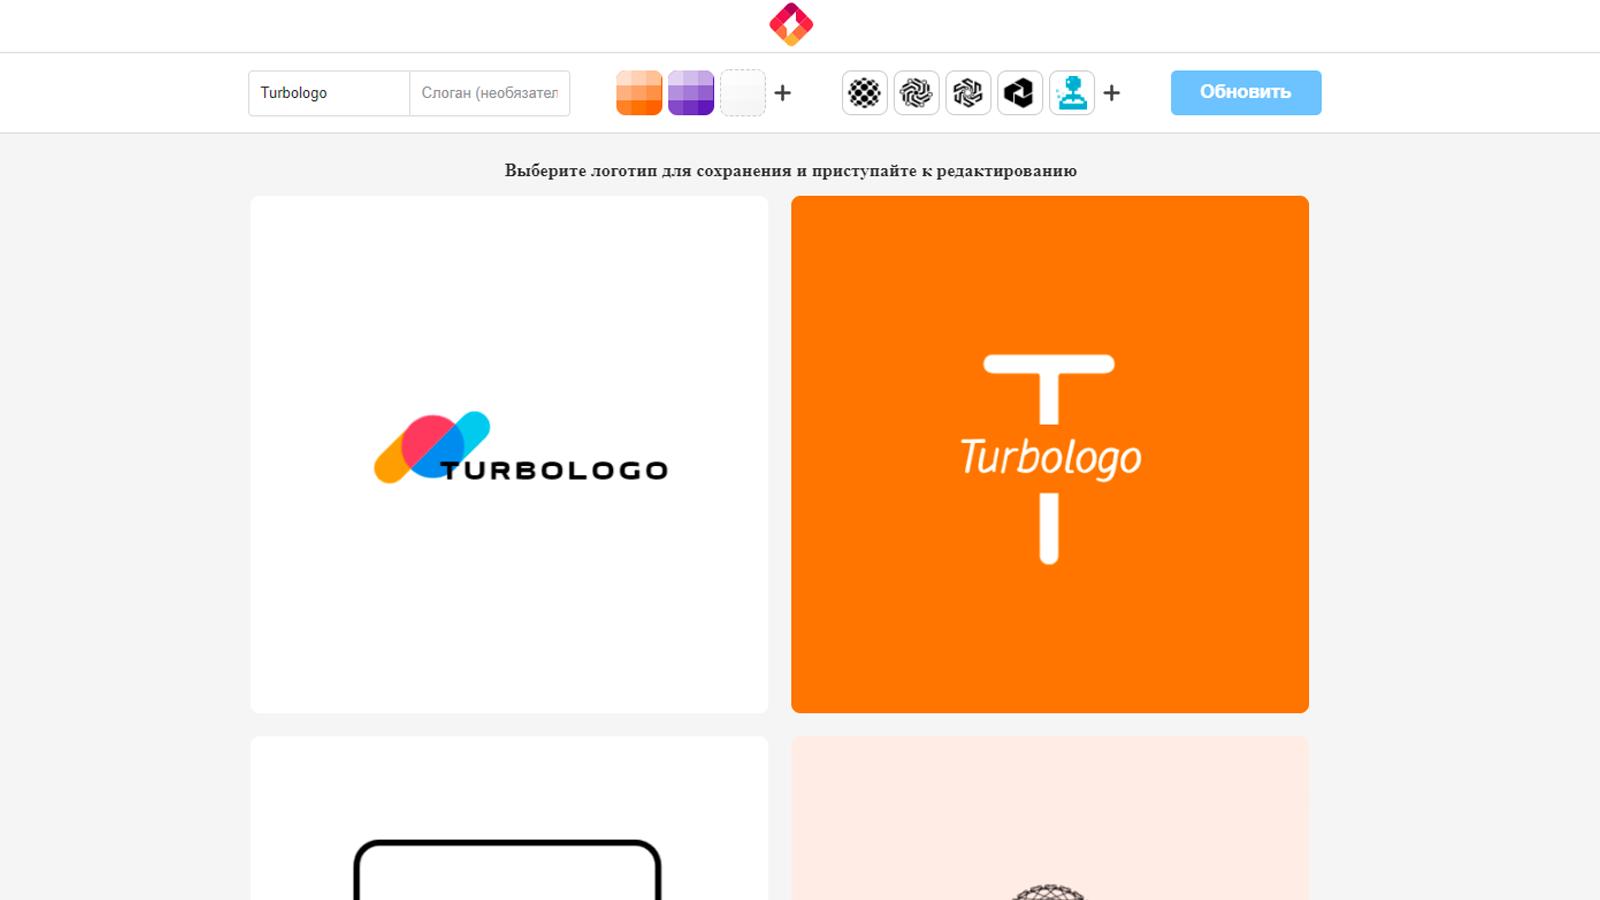 Логотипы Турболого